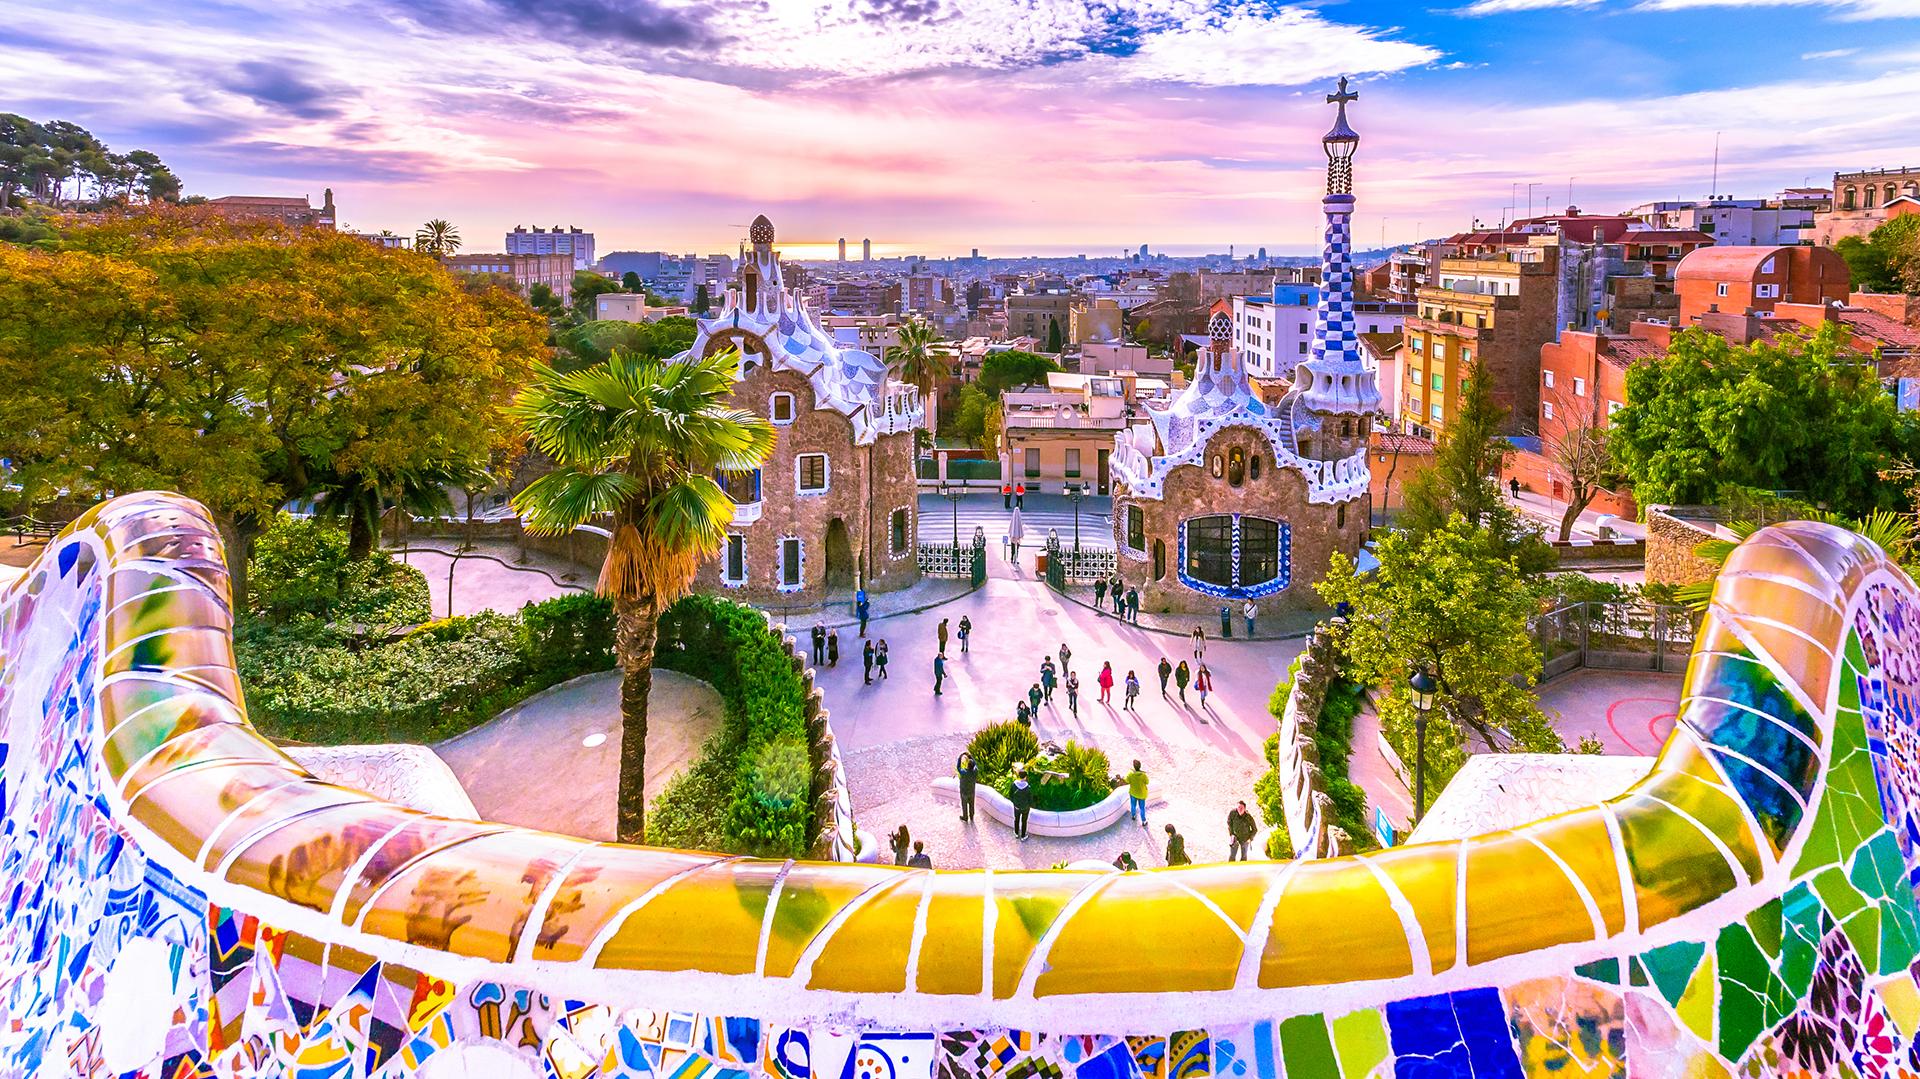 En la parte superior del Parc Güell hay una terraza con una vista maravillosa del parque y de la ciudad de Barcelona